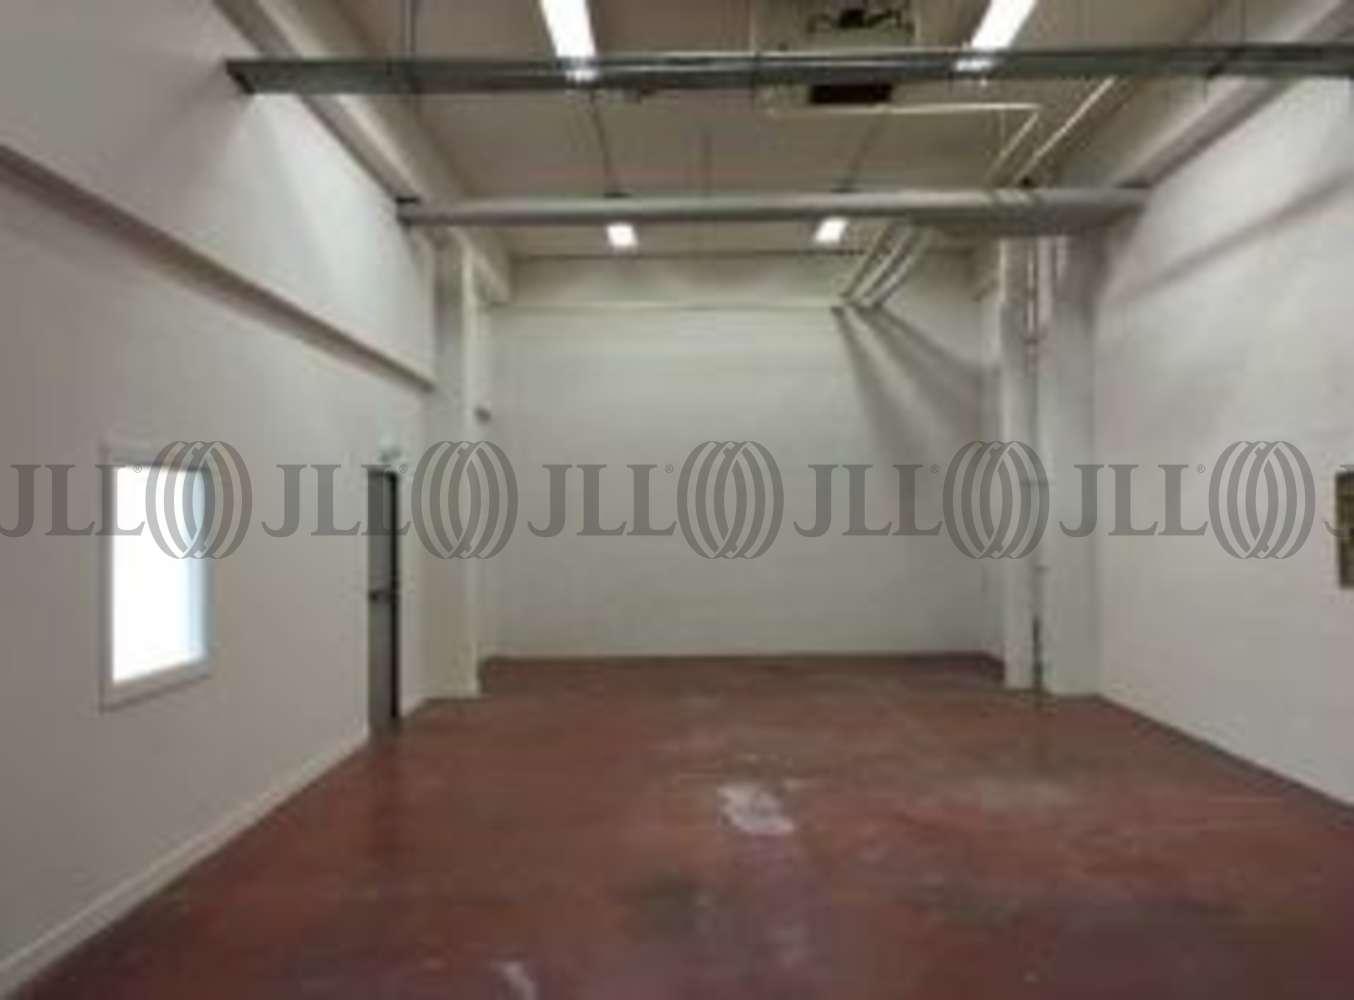 Activités/entrepôt Lisses, 91090 - EVEREST - PETITE MONTAGNE SUD - 9460997